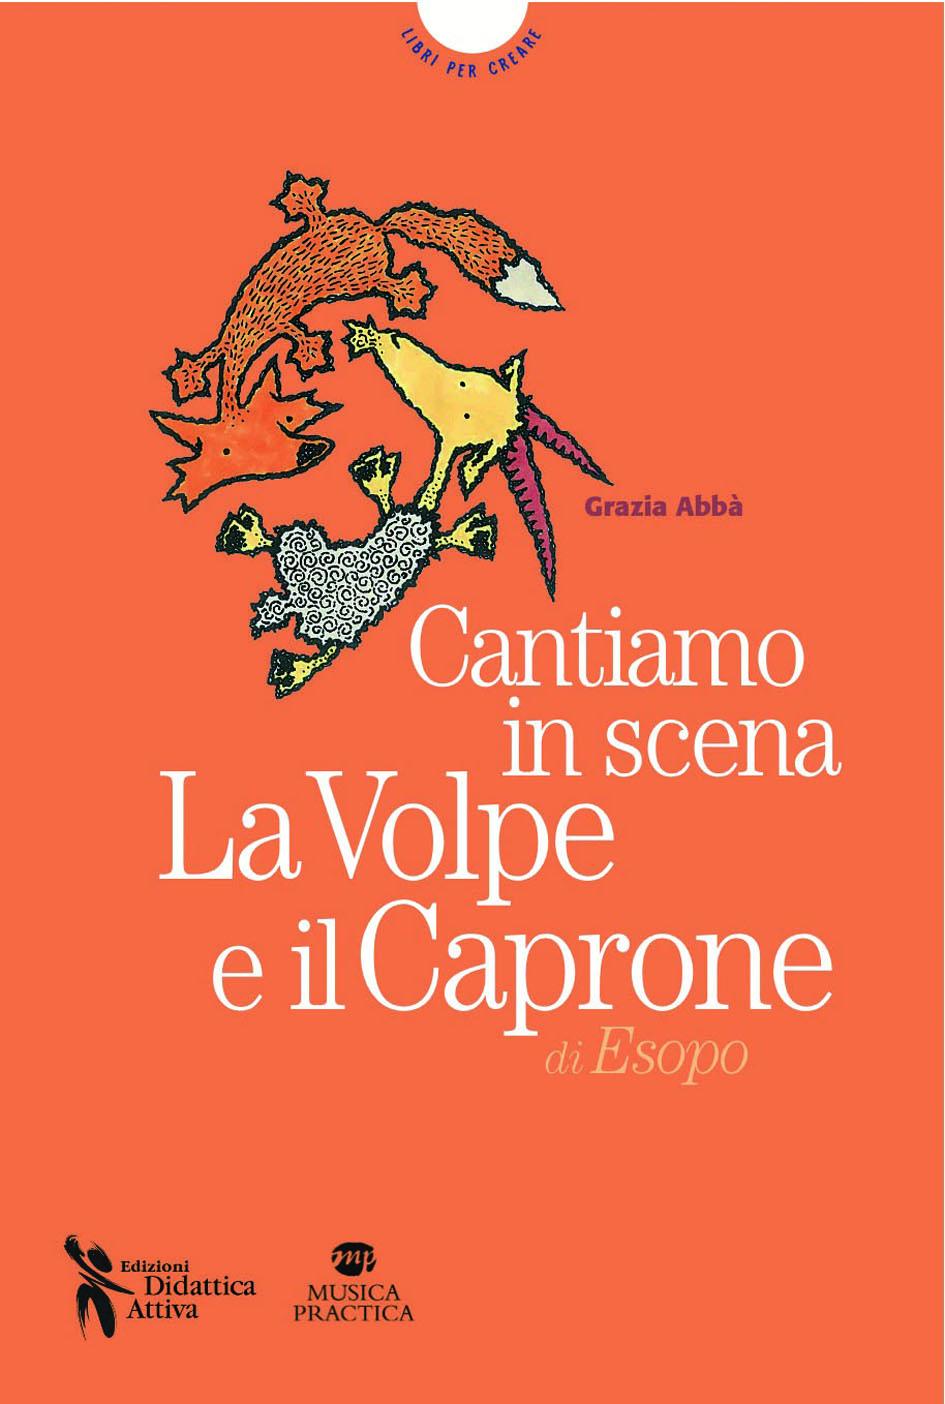 DA01_VOLPE-e-caprone_fronte.jpg